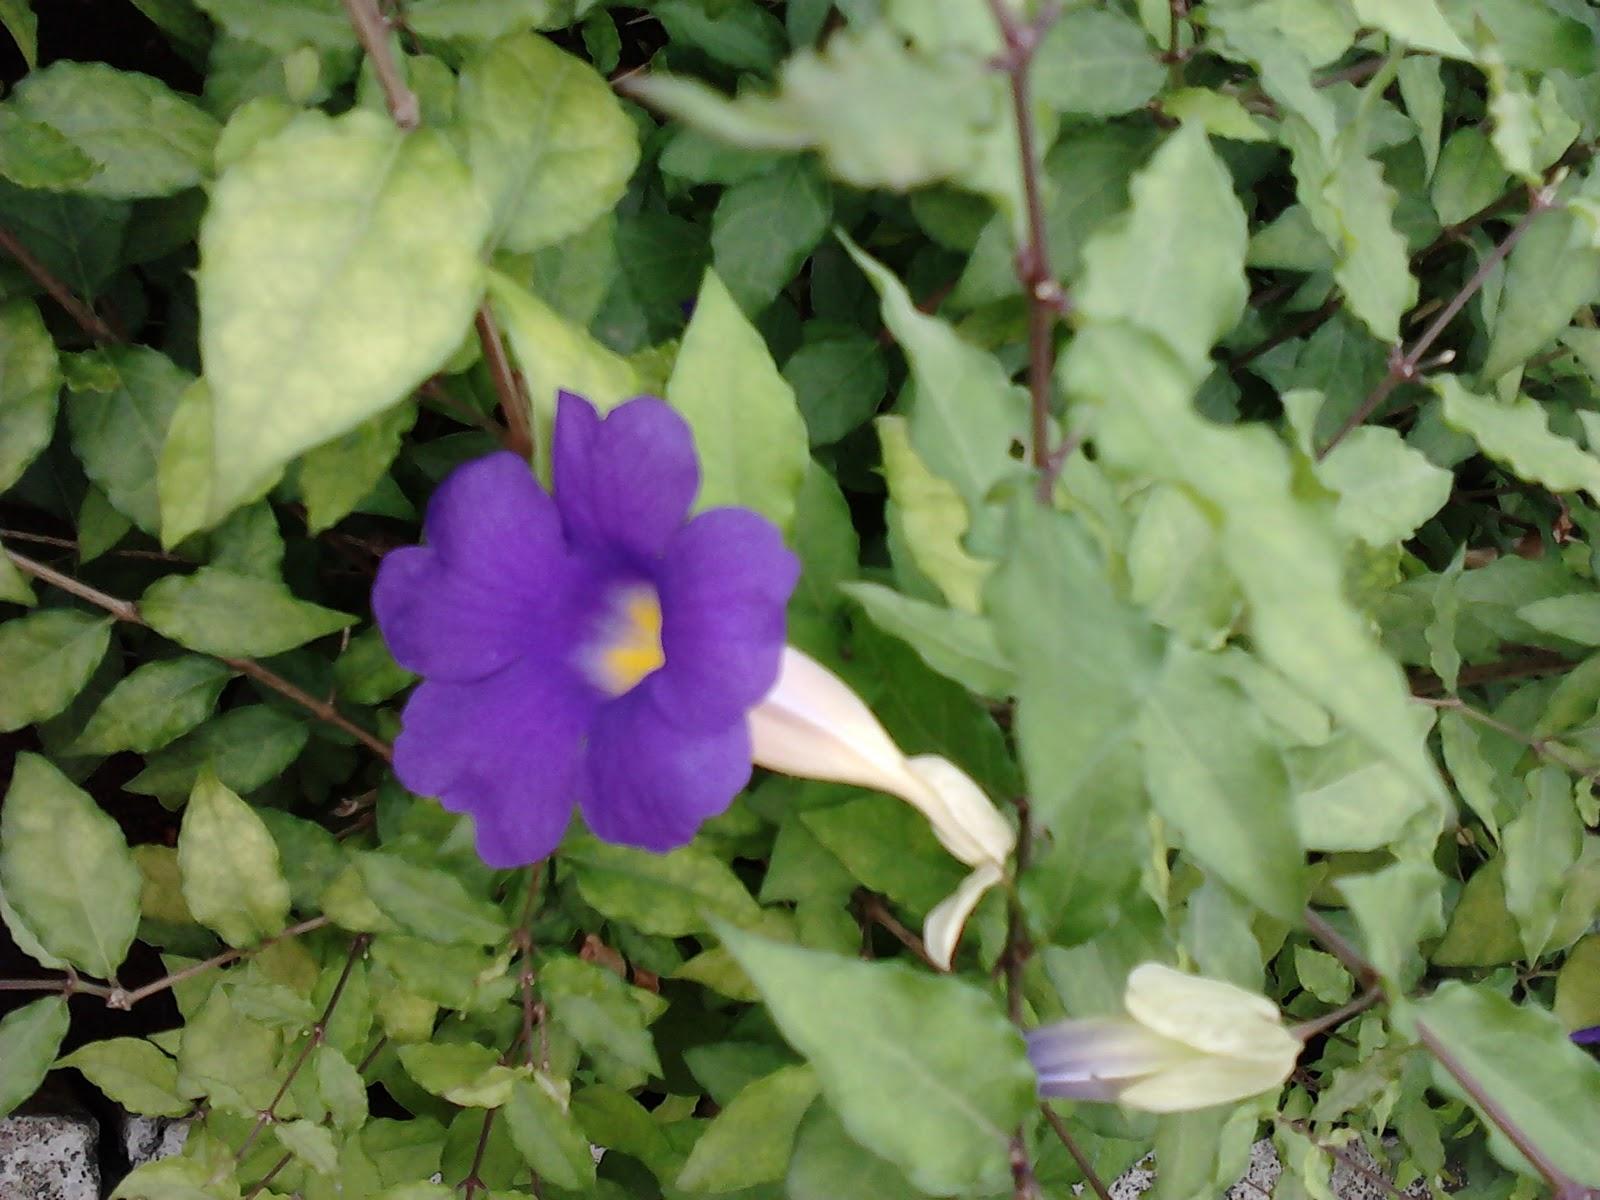 Garden care simplified 2 easy growing purple flowering plants lavendar coloured flower mightylinksfo